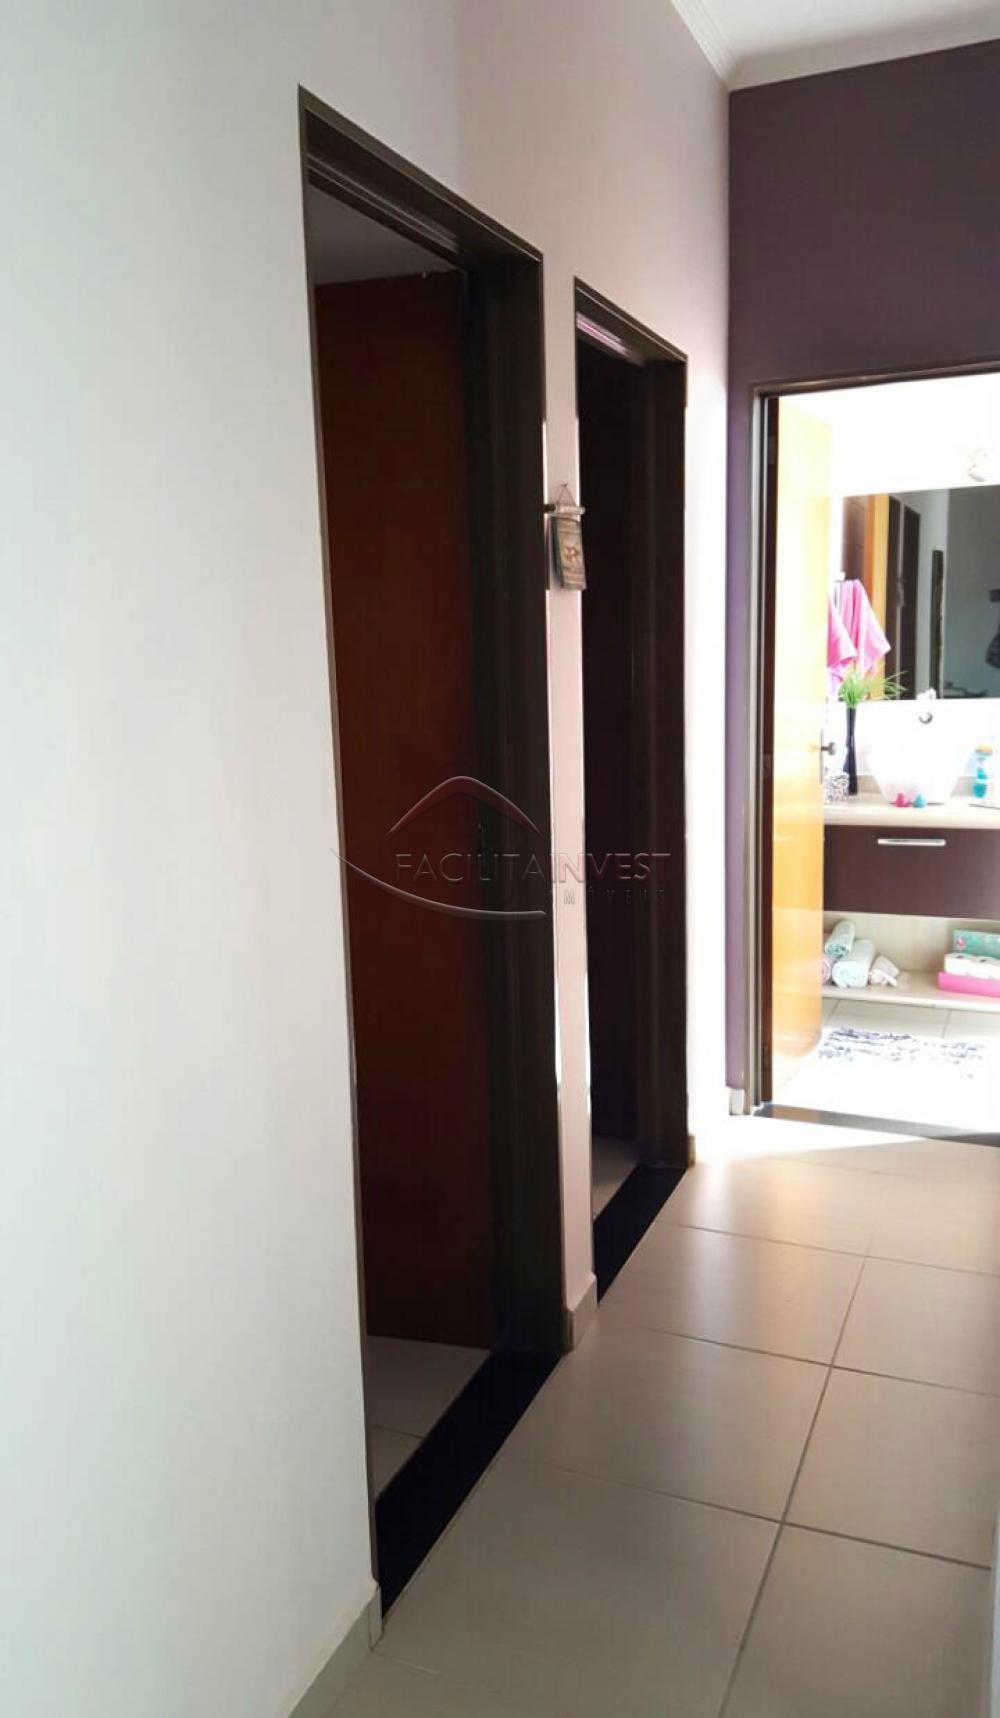 Comprar Apartamentos / Apart. Padrão em Ribeirão Preto apenas R$ 280.000,00 - Foto 3